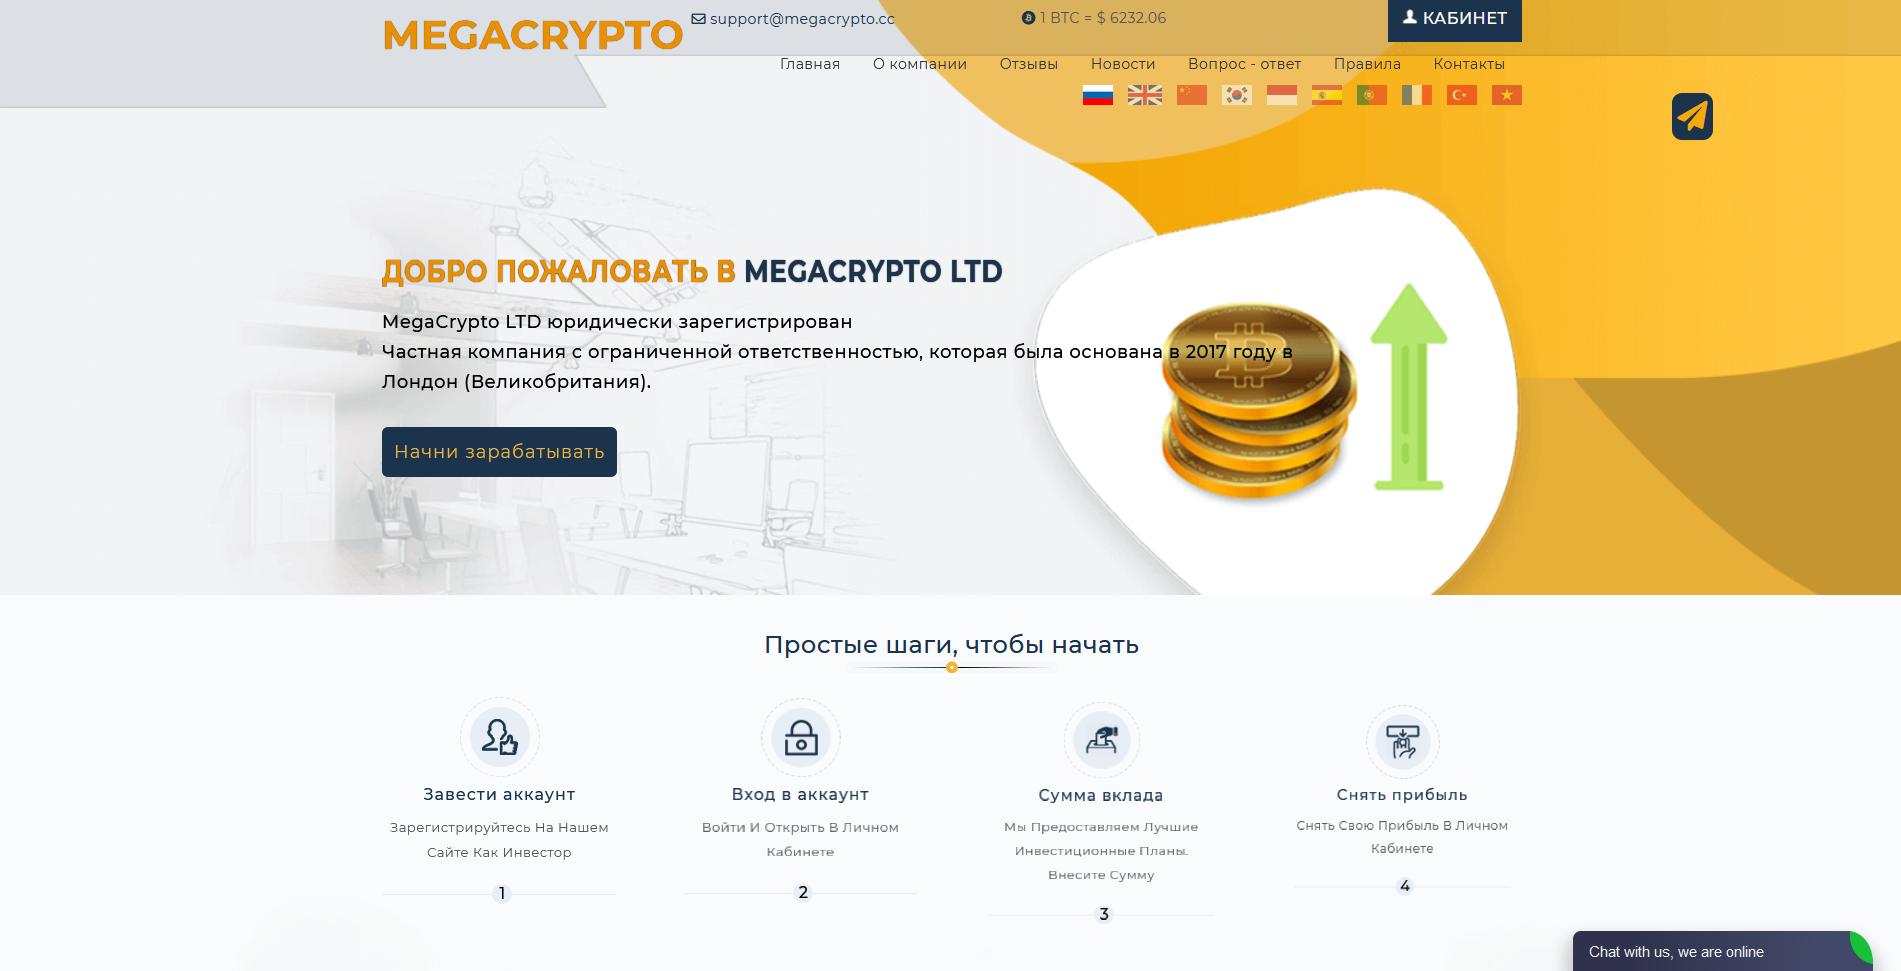 megacrypto - megacrypto.cc